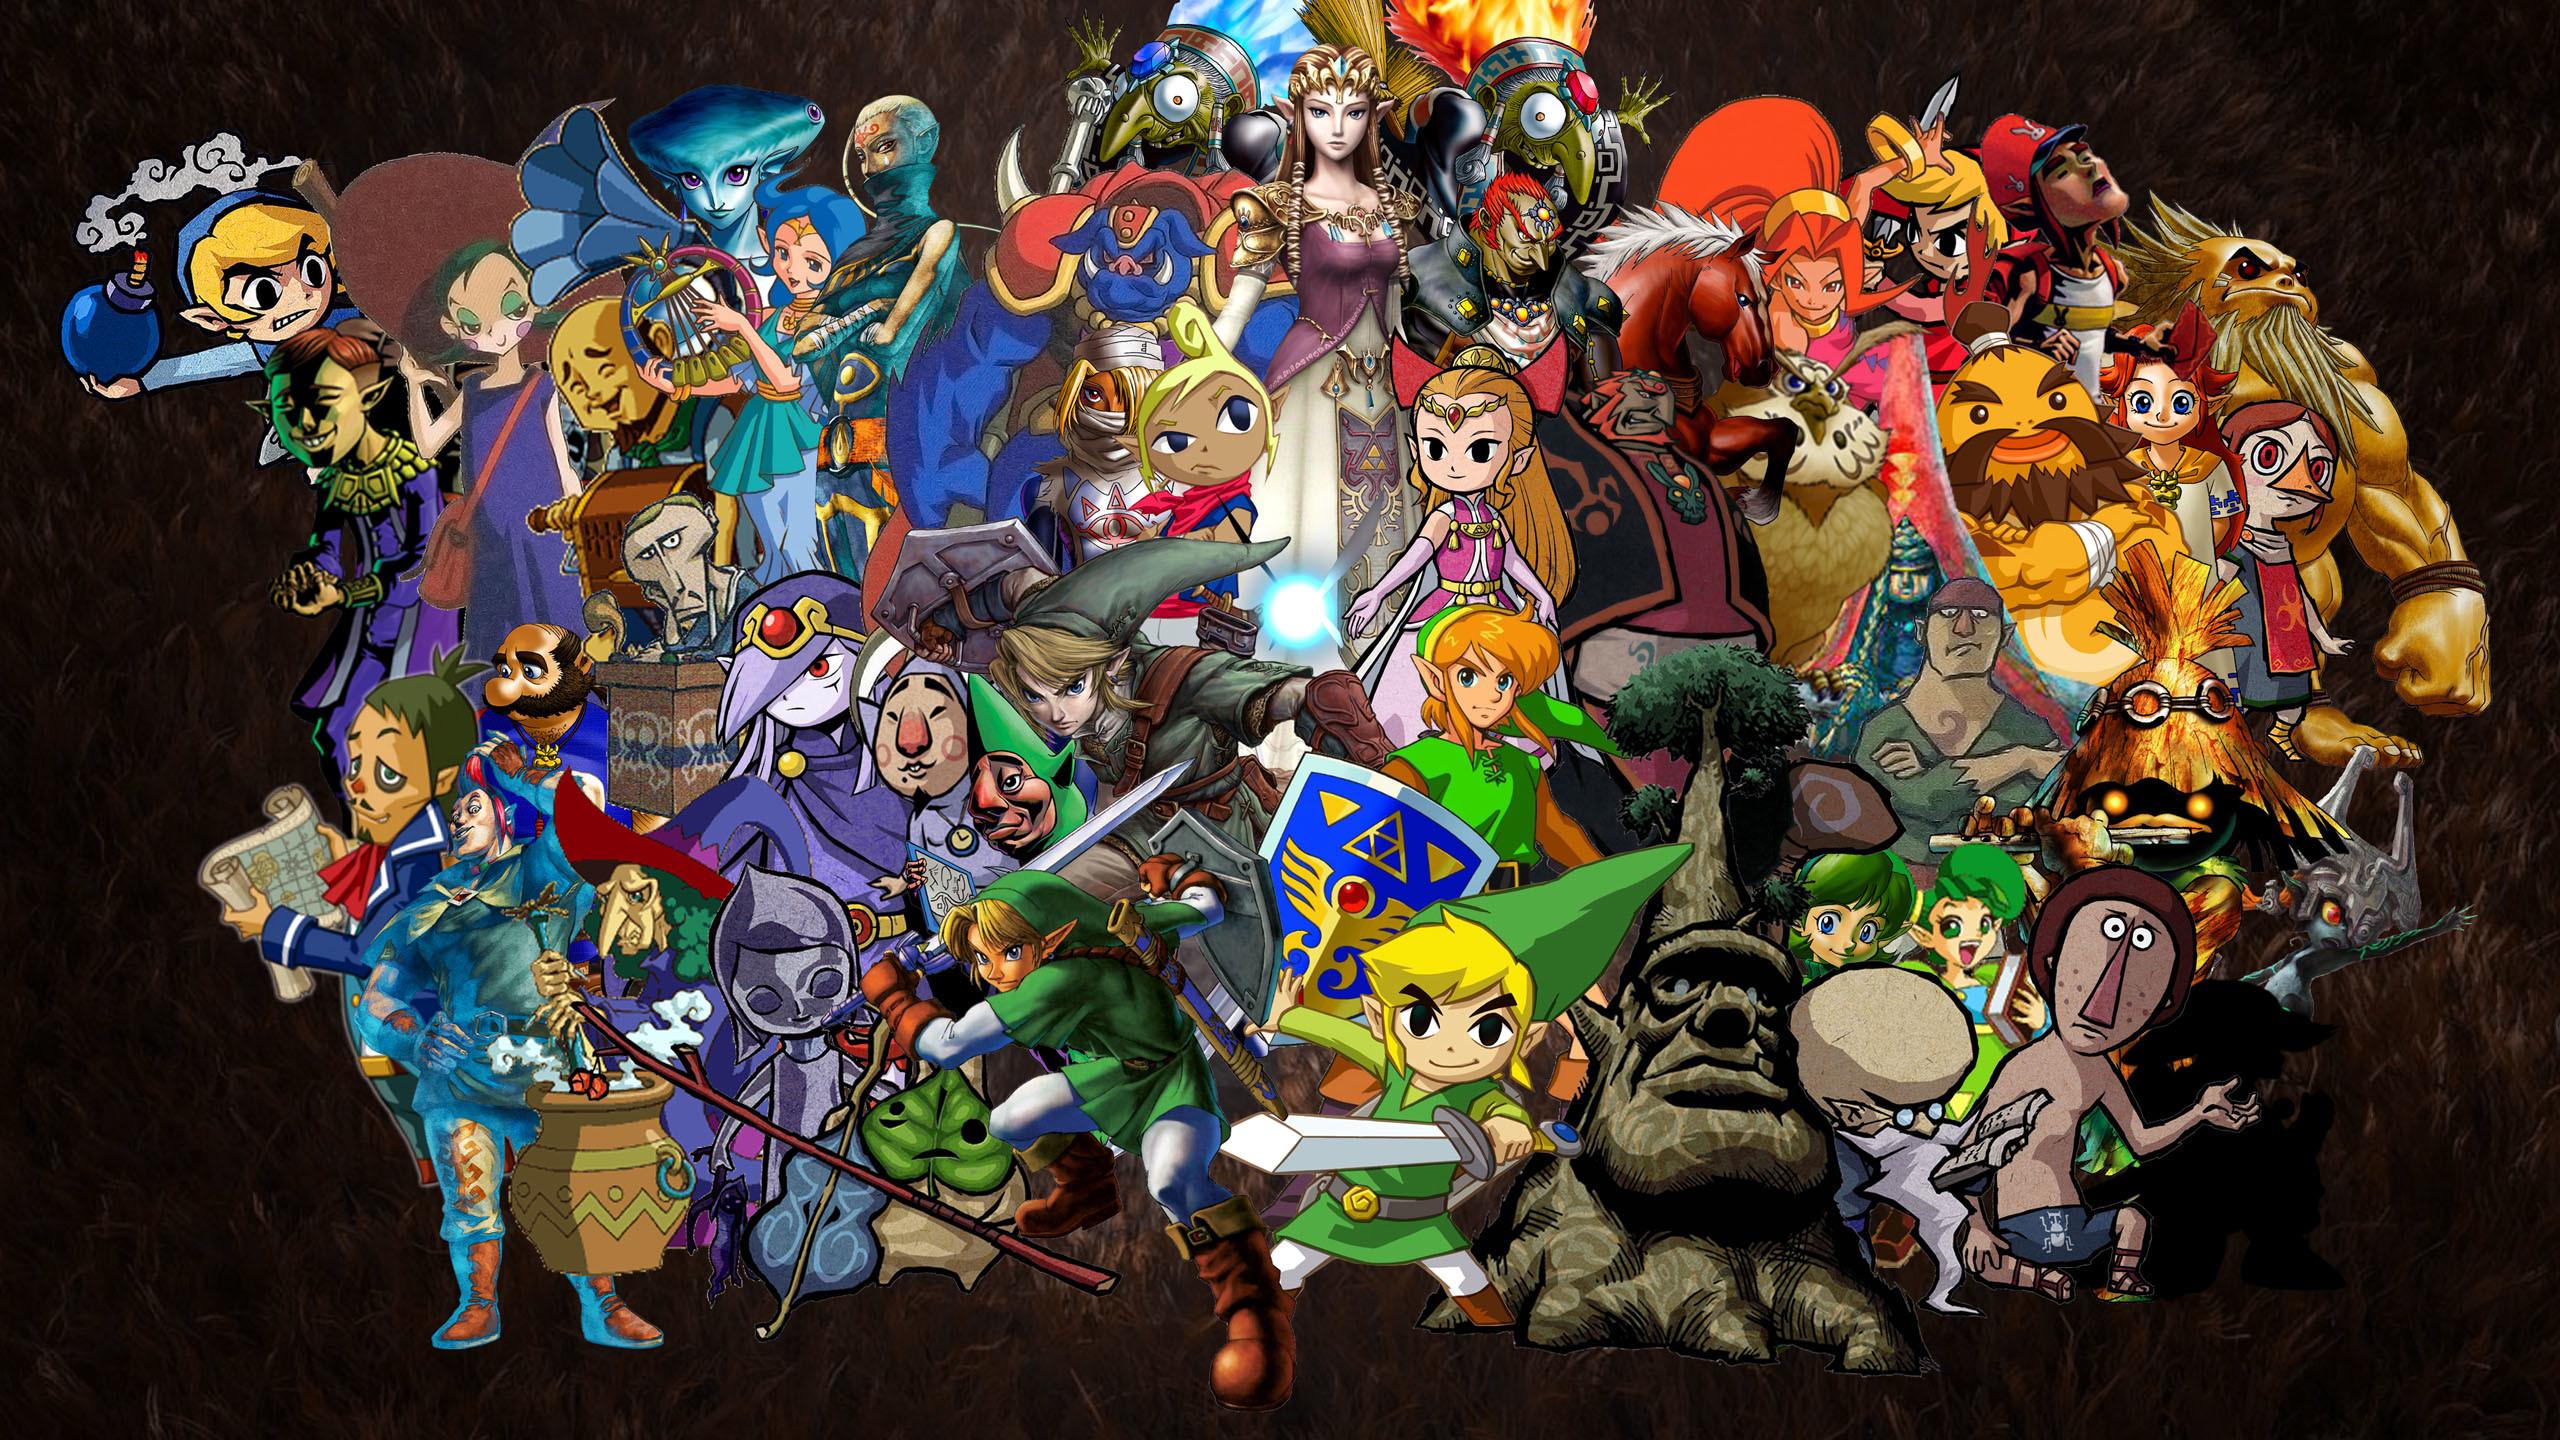 The Legend Of Zelda Wallpapers Wallpapers) – HD Wallpapers